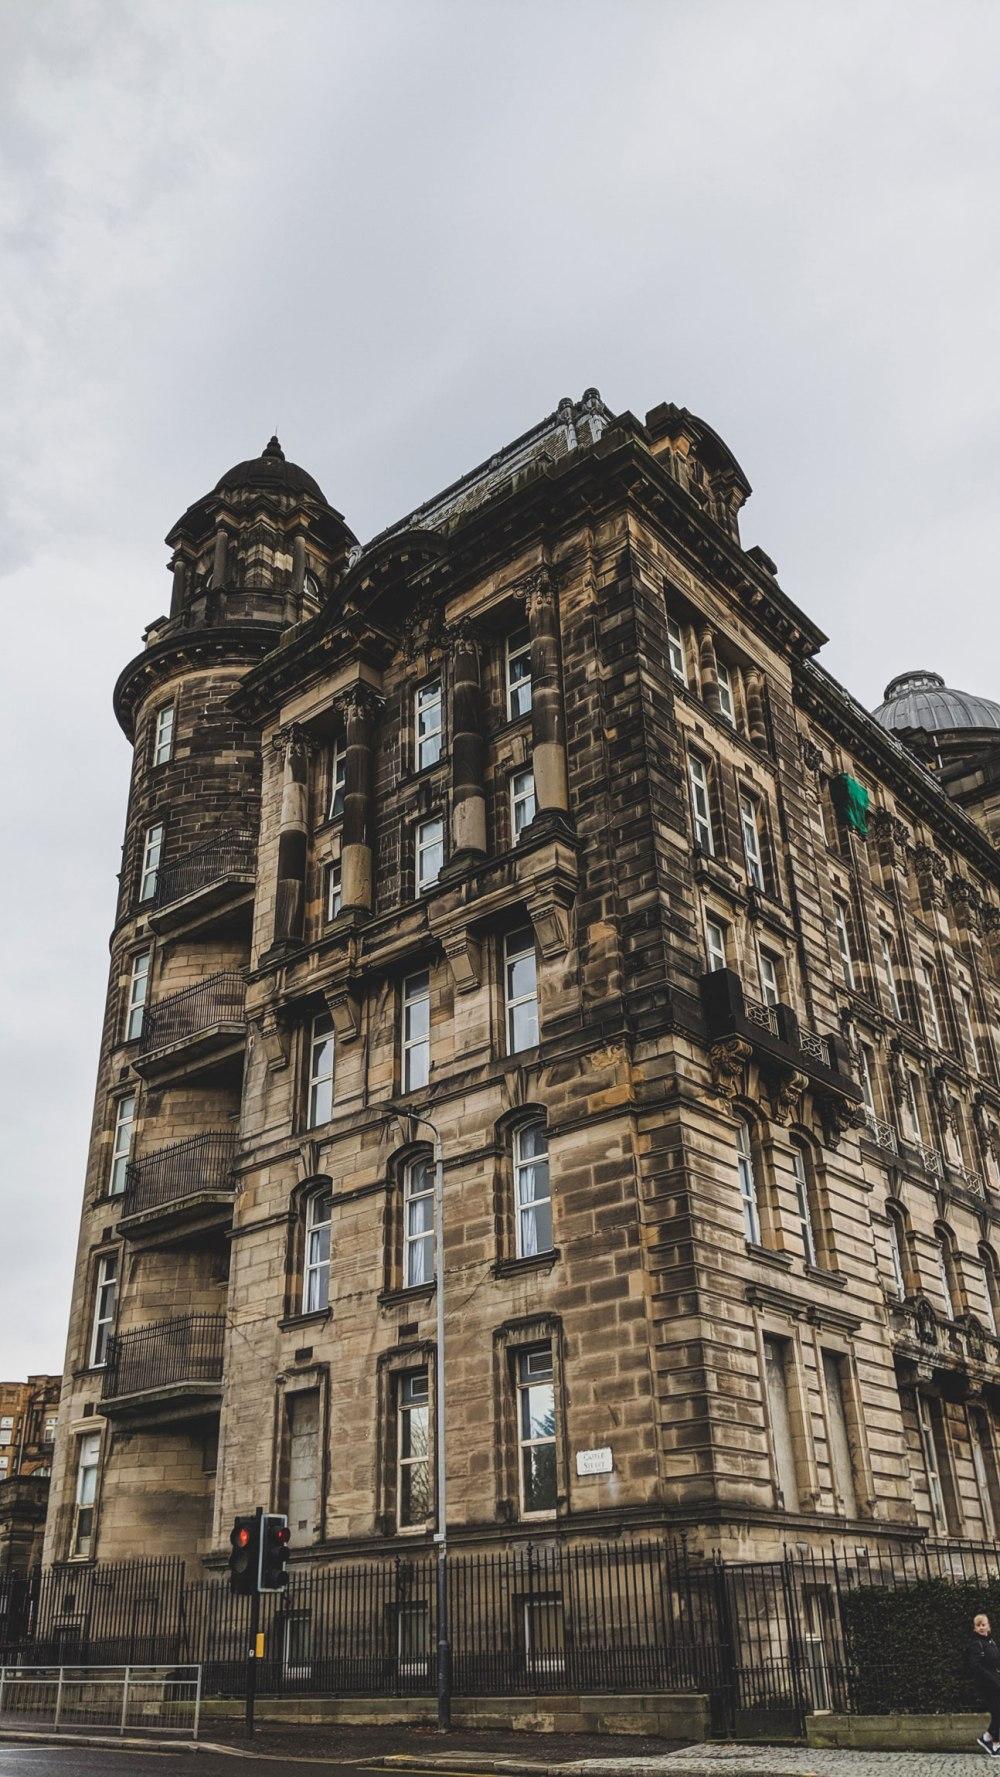 Glasgow (1)